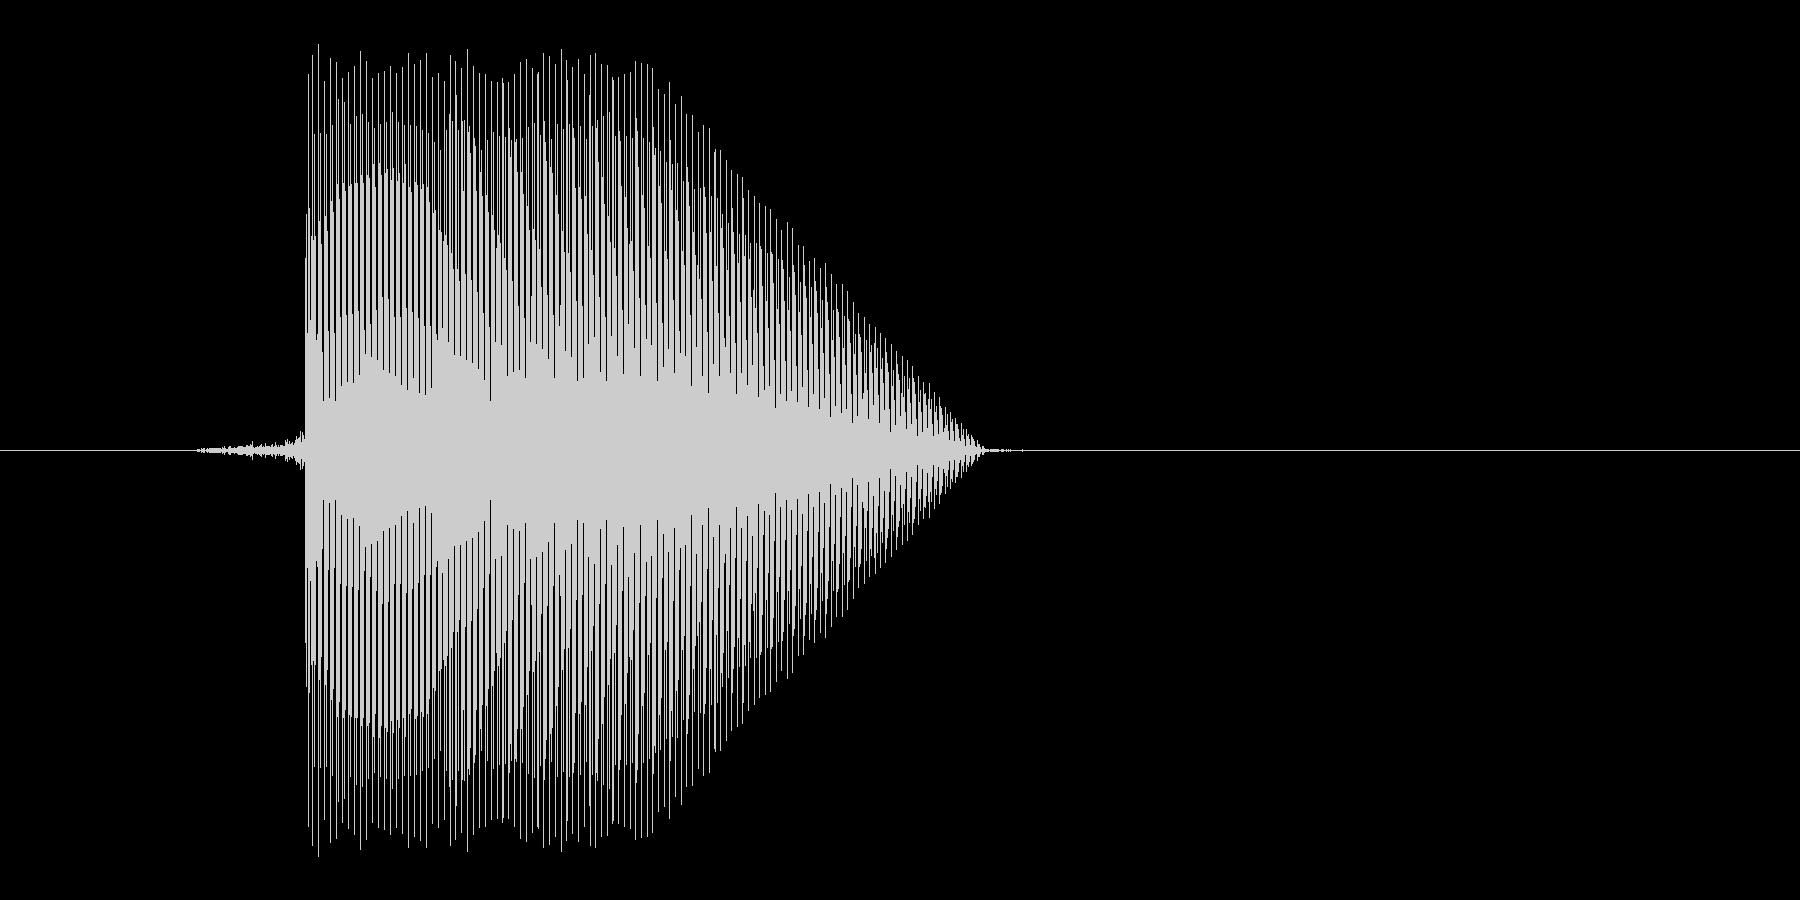 ゲーム(ファミコン風)ジャンプ音_012の未再生の波形